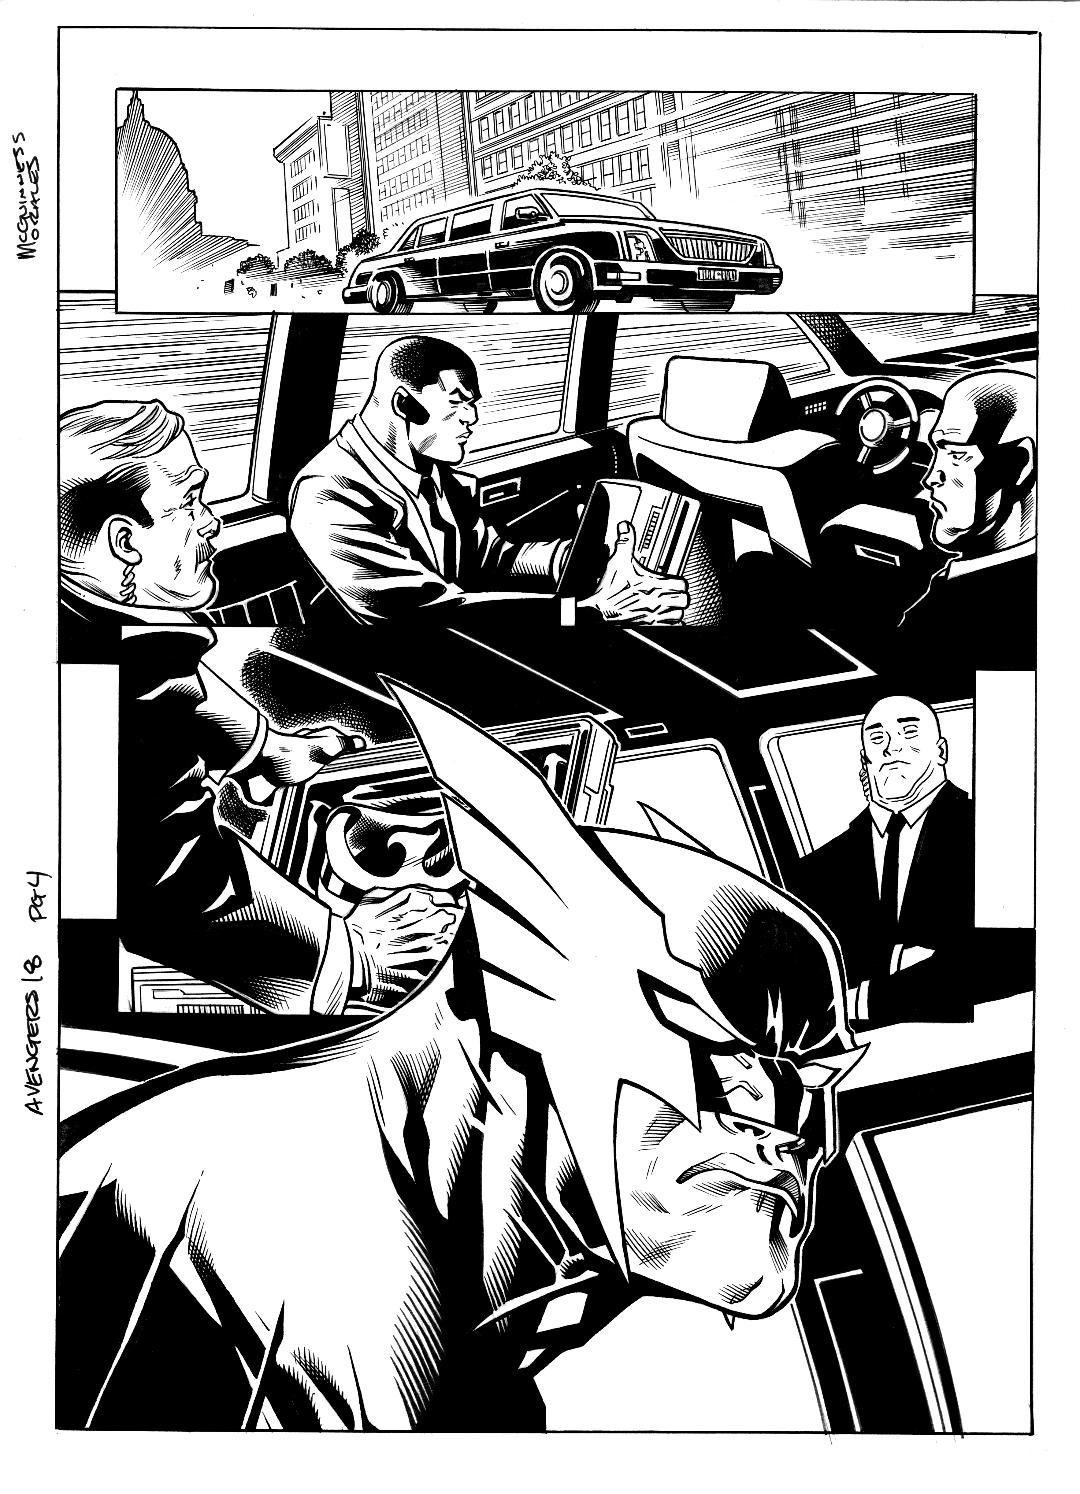 Avengers #18 pg 4